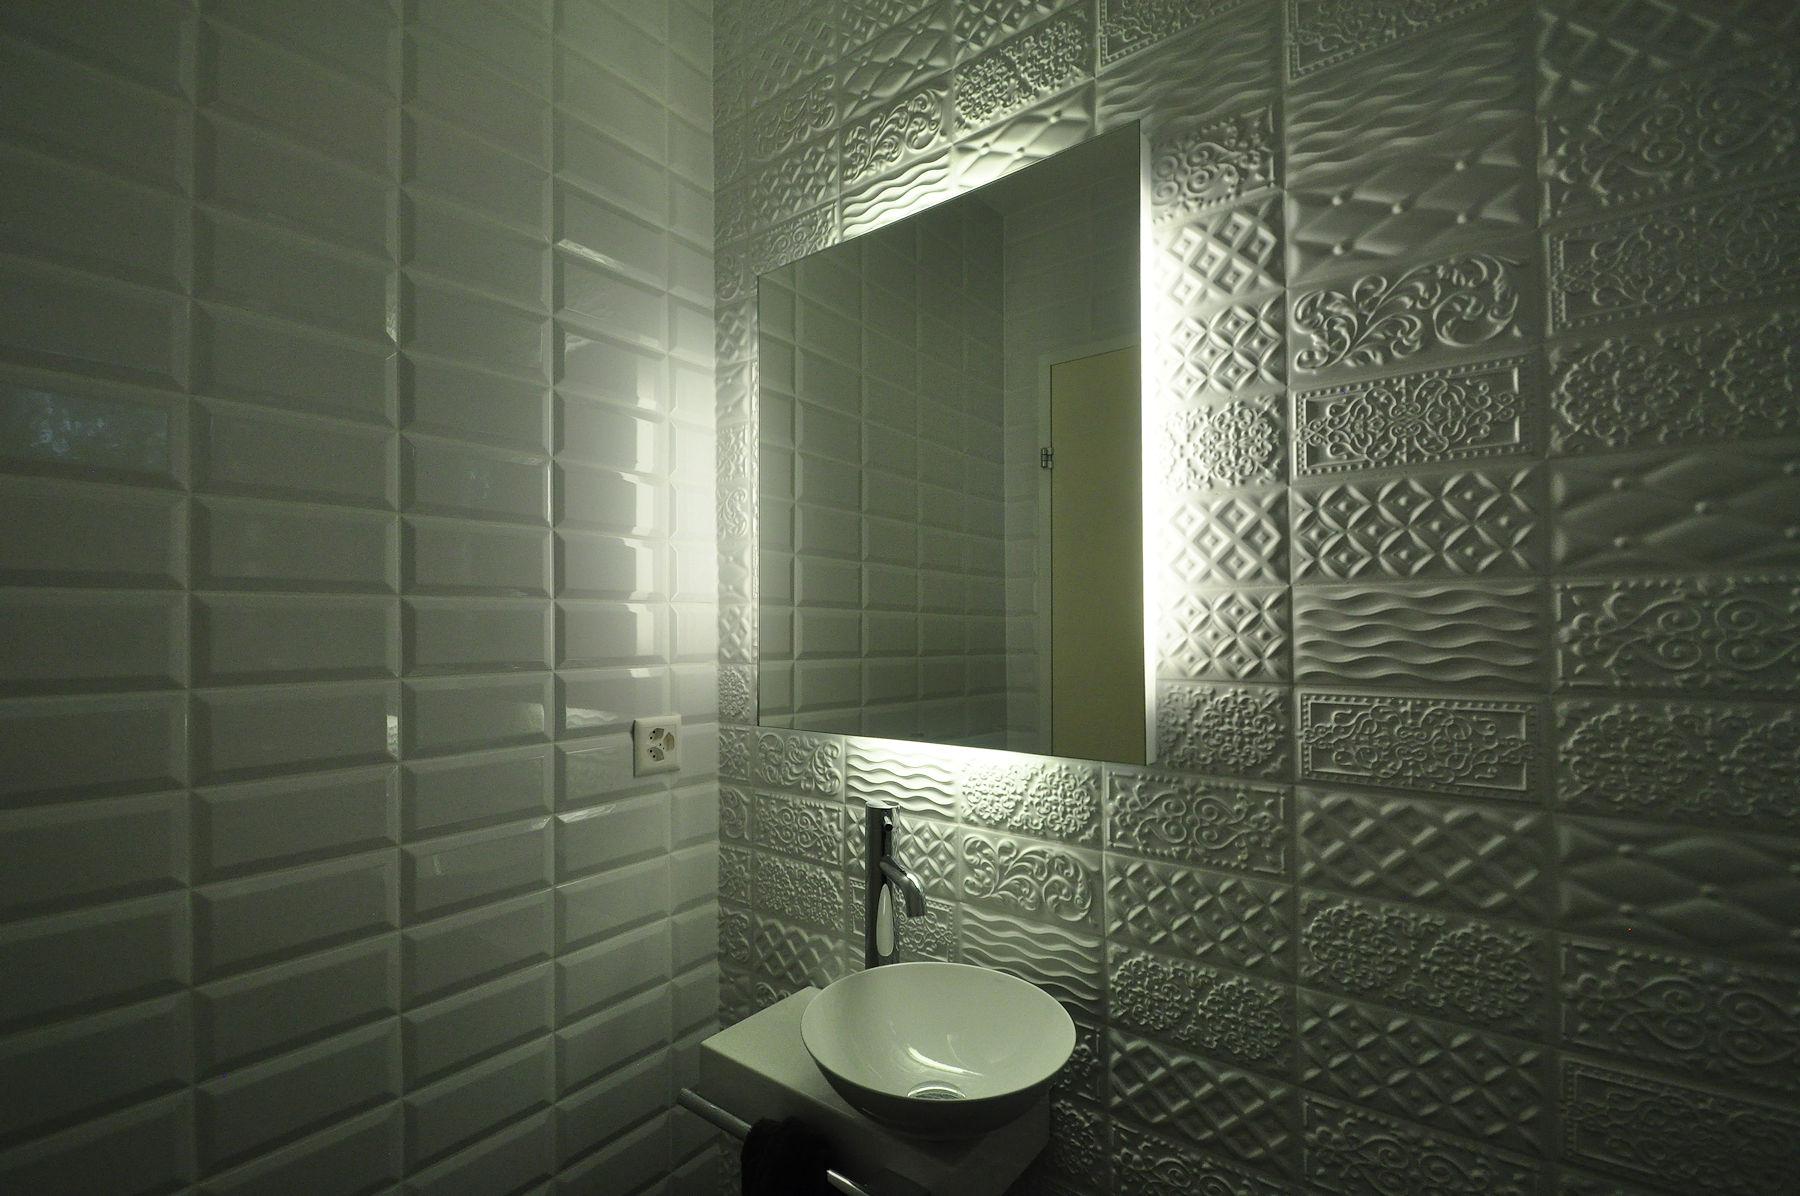 Badezimmer mit swarovski elements willkommen bei schiffbauer bad und wohnraumgestaltung mit - Swarovski badezimmer ...